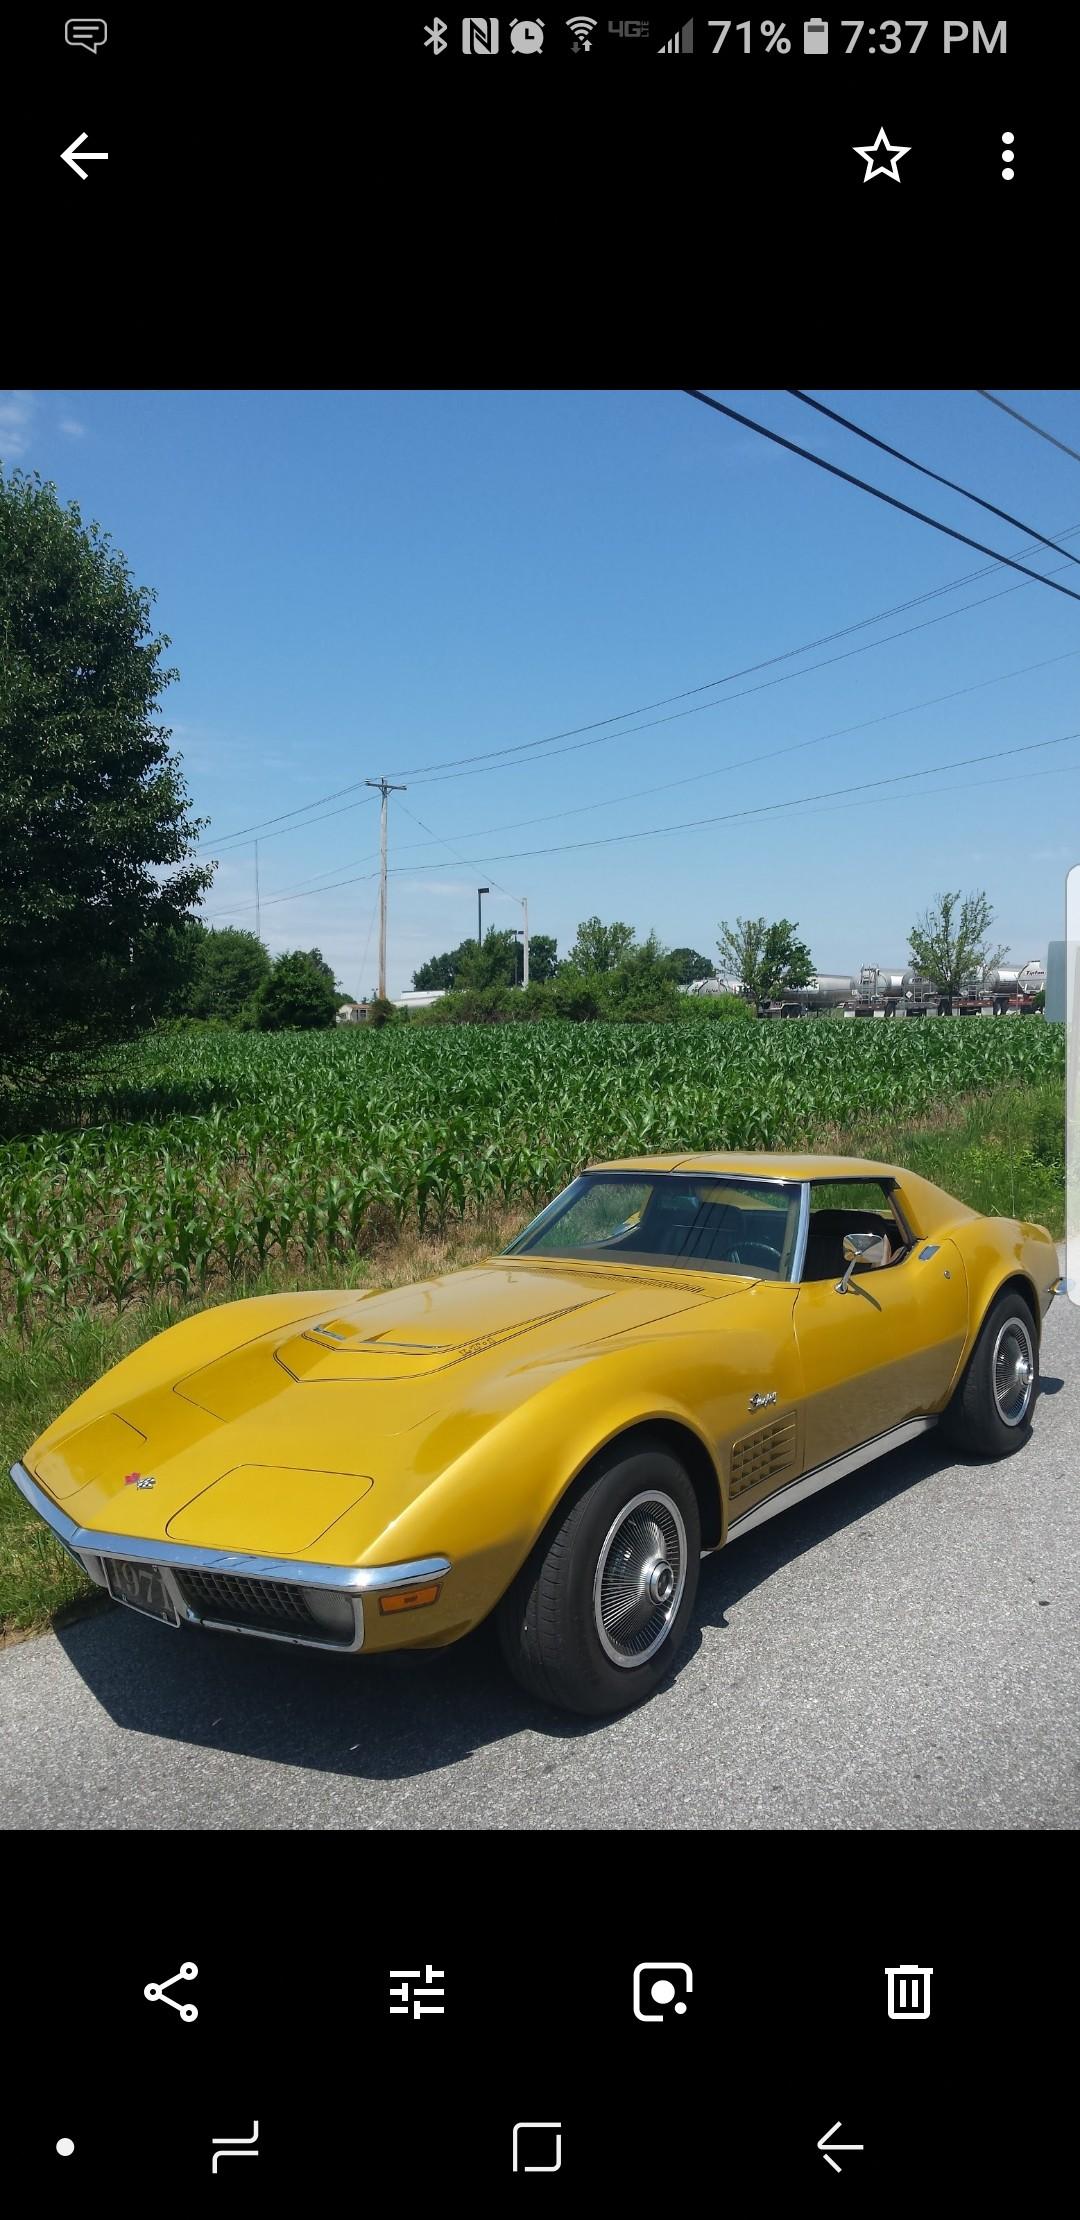 LT1 C3: 1971 Chevrolet Corvette